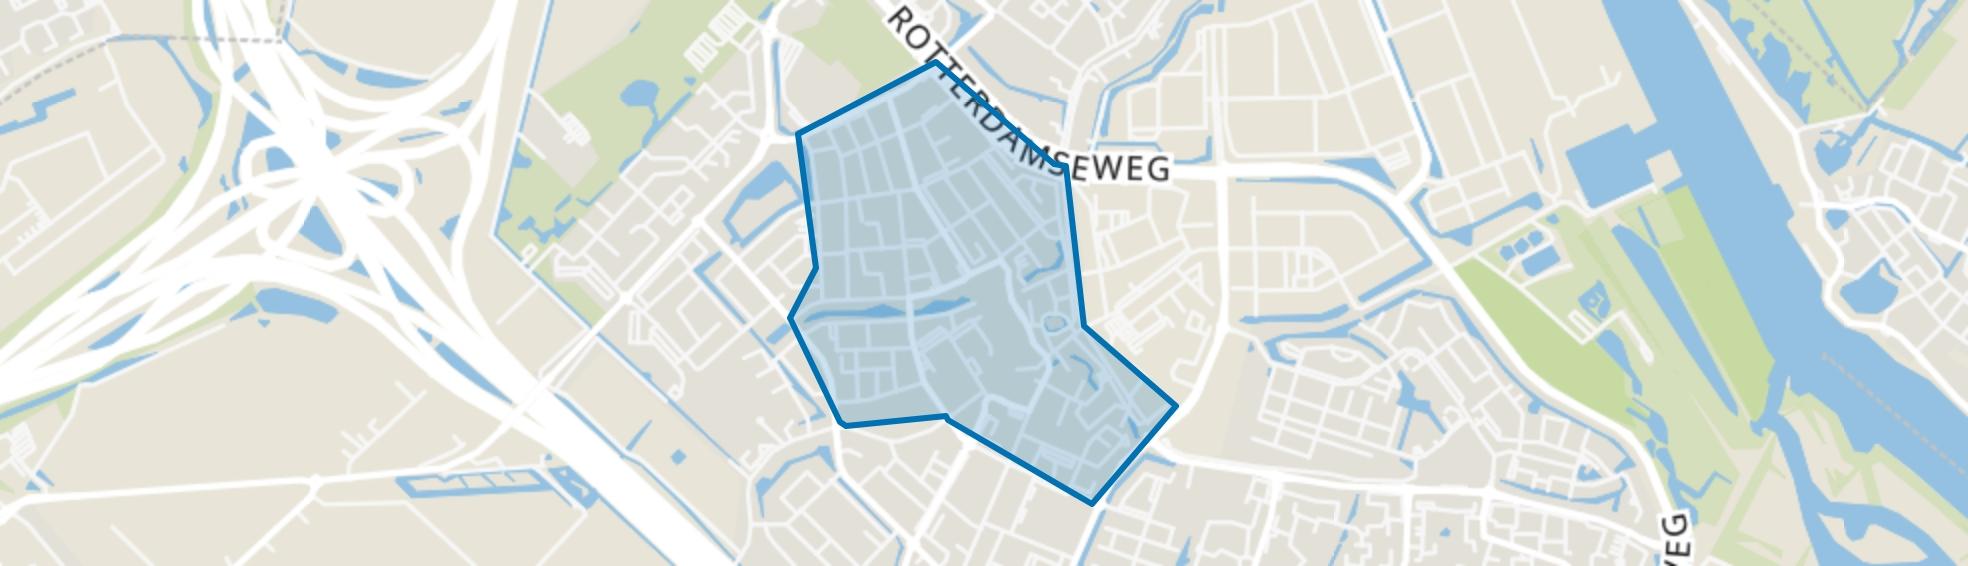 Centrum, Ridderkerk map